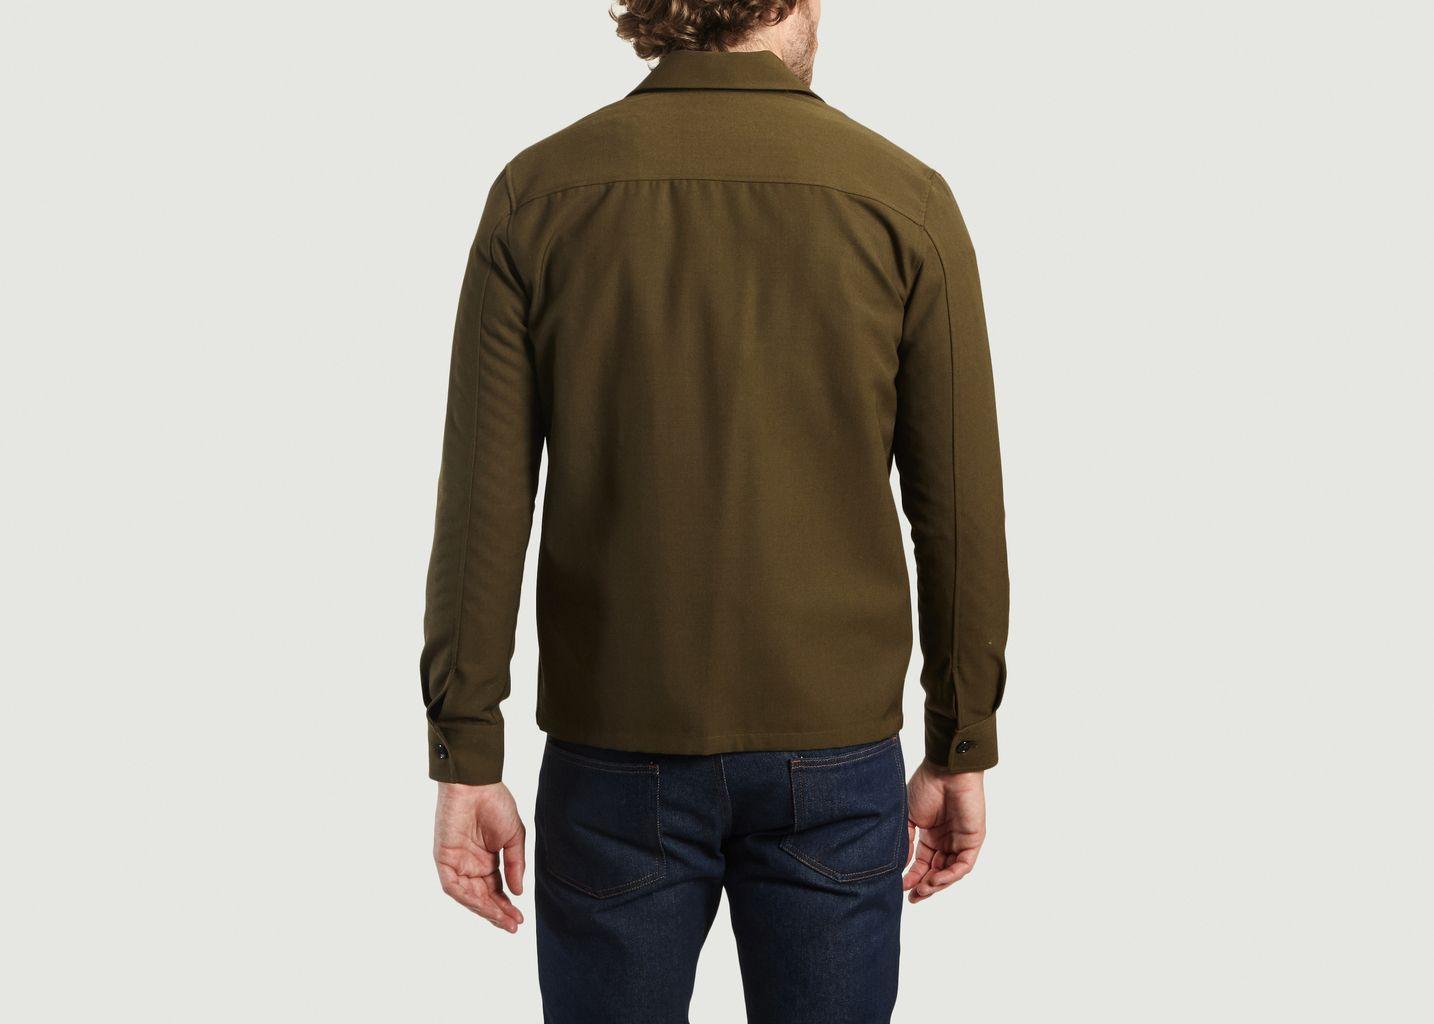 fa864e97fde Zip Overshirt Khaki AMI Alexandre Mattiussi